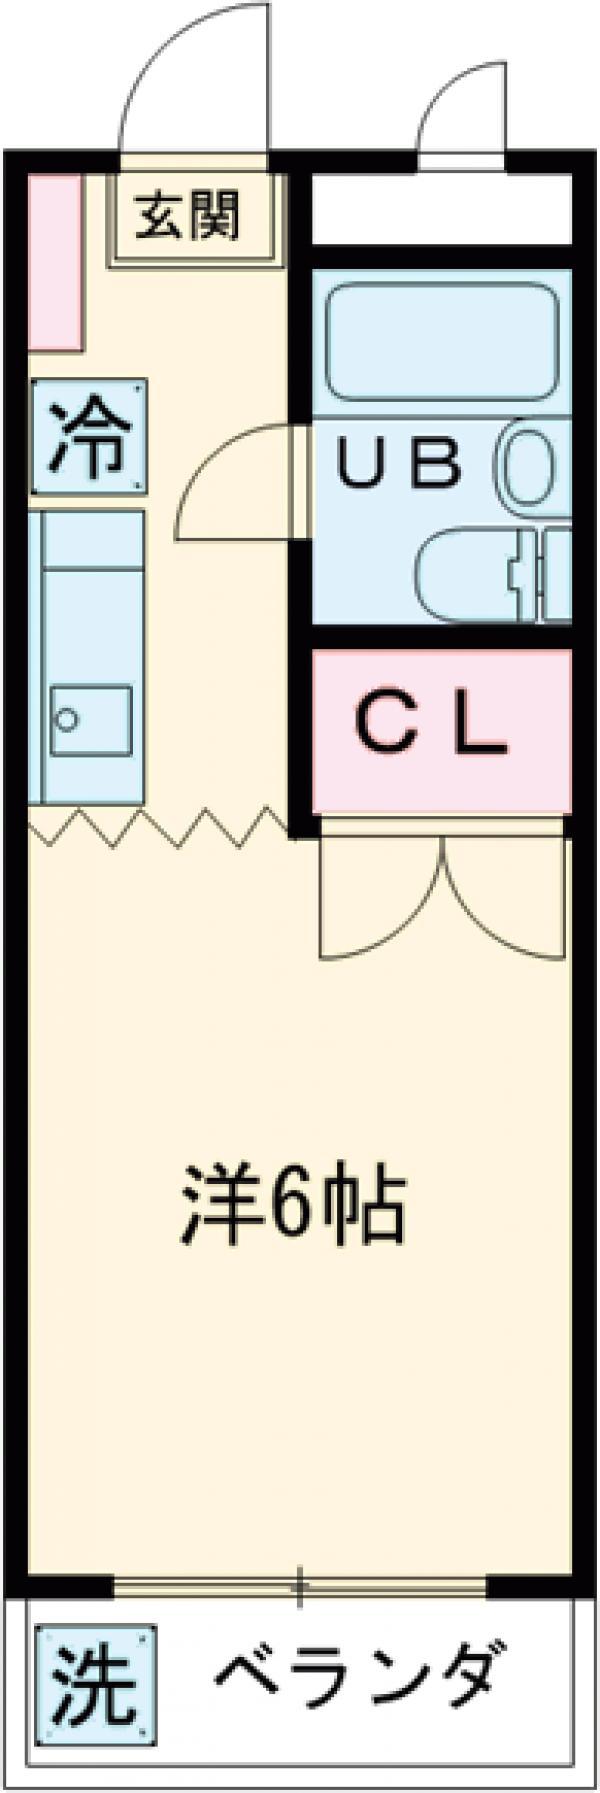 グリーンハイム花小金井 201号室の間取り